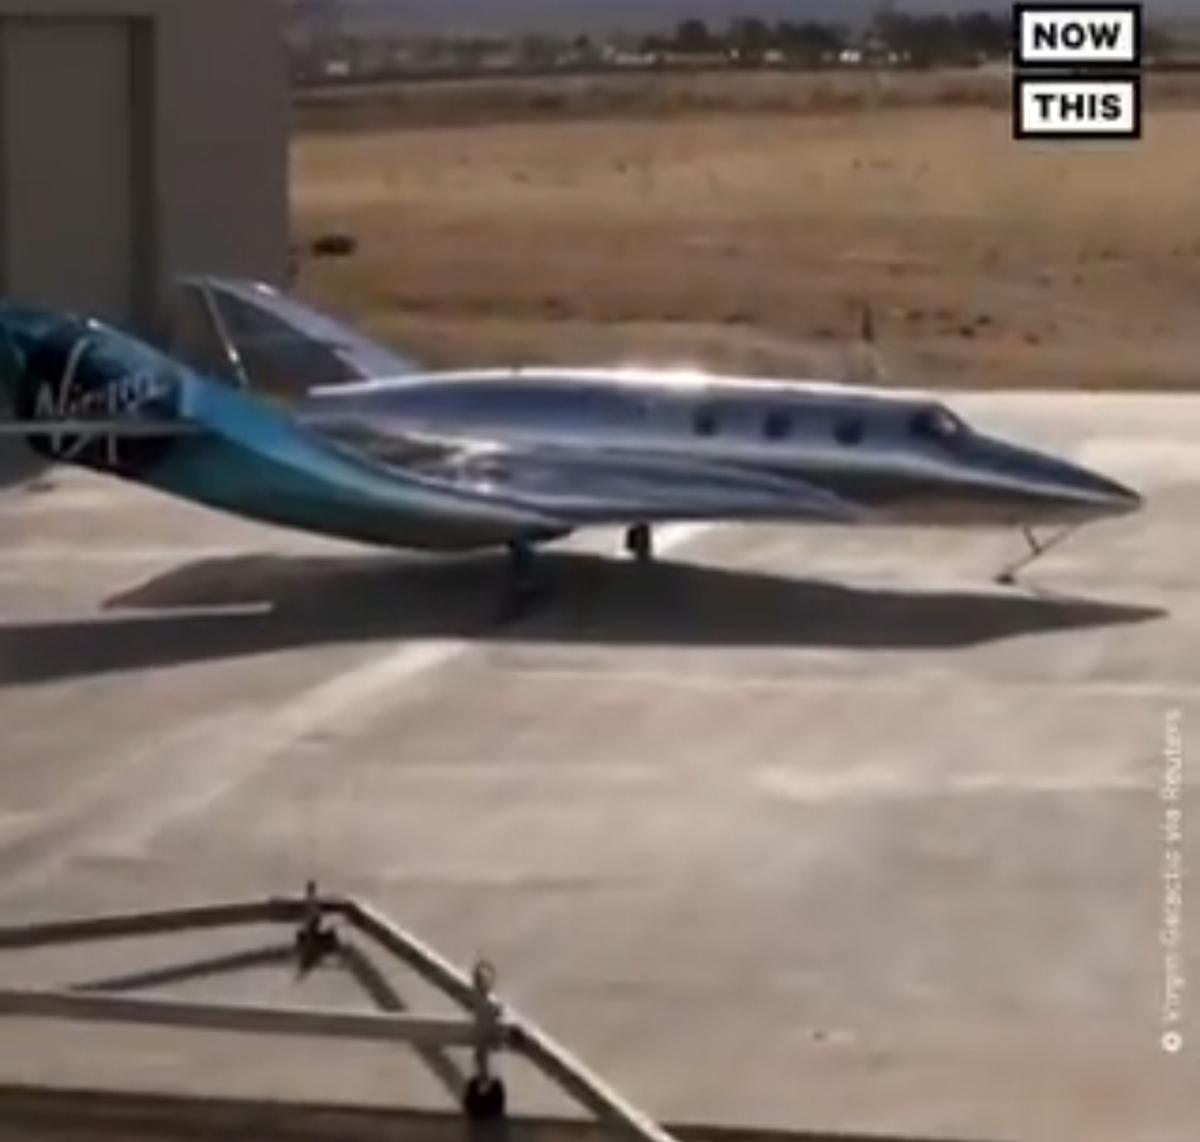 رونمایی از هواپیمای جدید سفرهای فضای + ویدئو